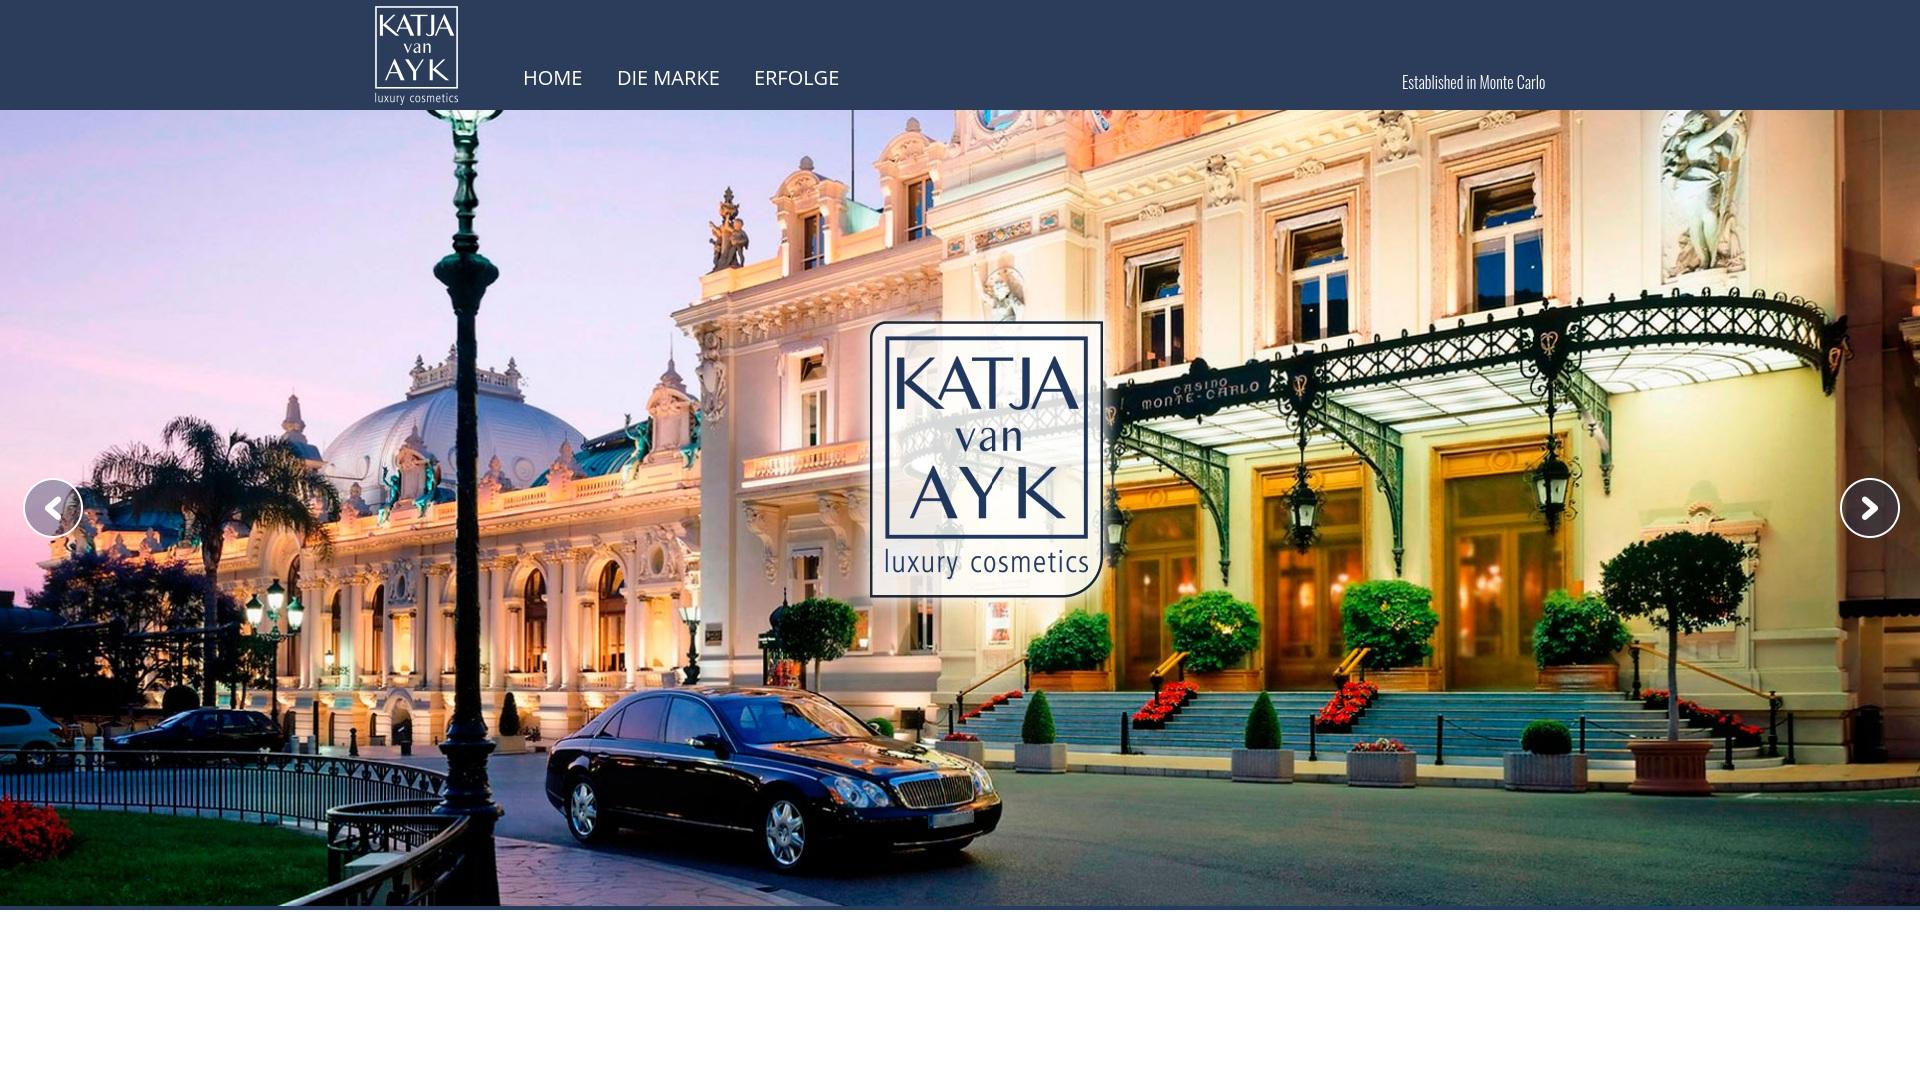 Gutschein für Katja-van-ayk: Rabatte für  Katja-van-ayk sichern